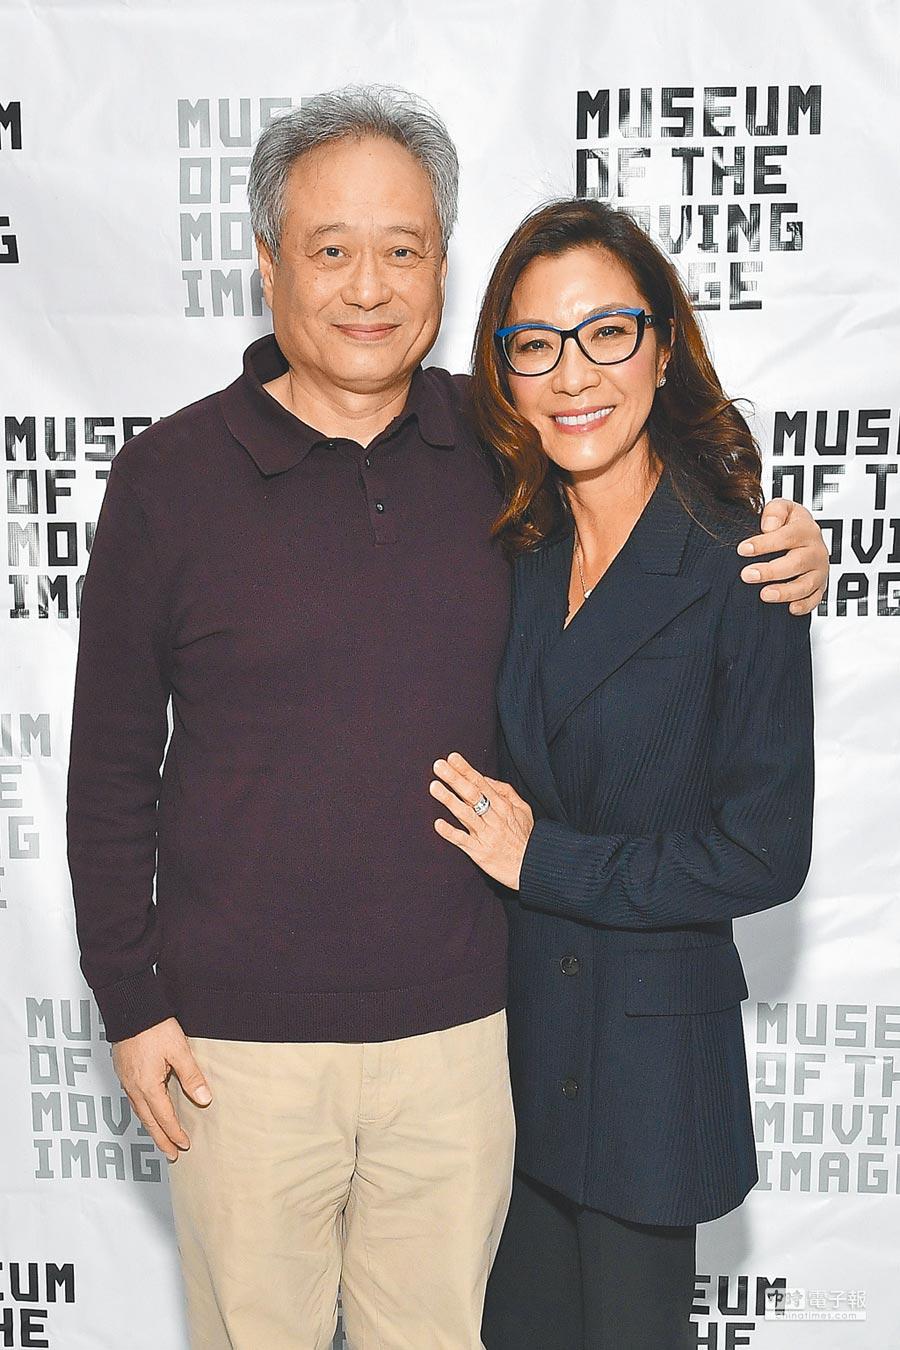 楊紫瓊(右)與李安多年未見,難忘當年拍《臥虎藏龍》的趣事。(法新社)